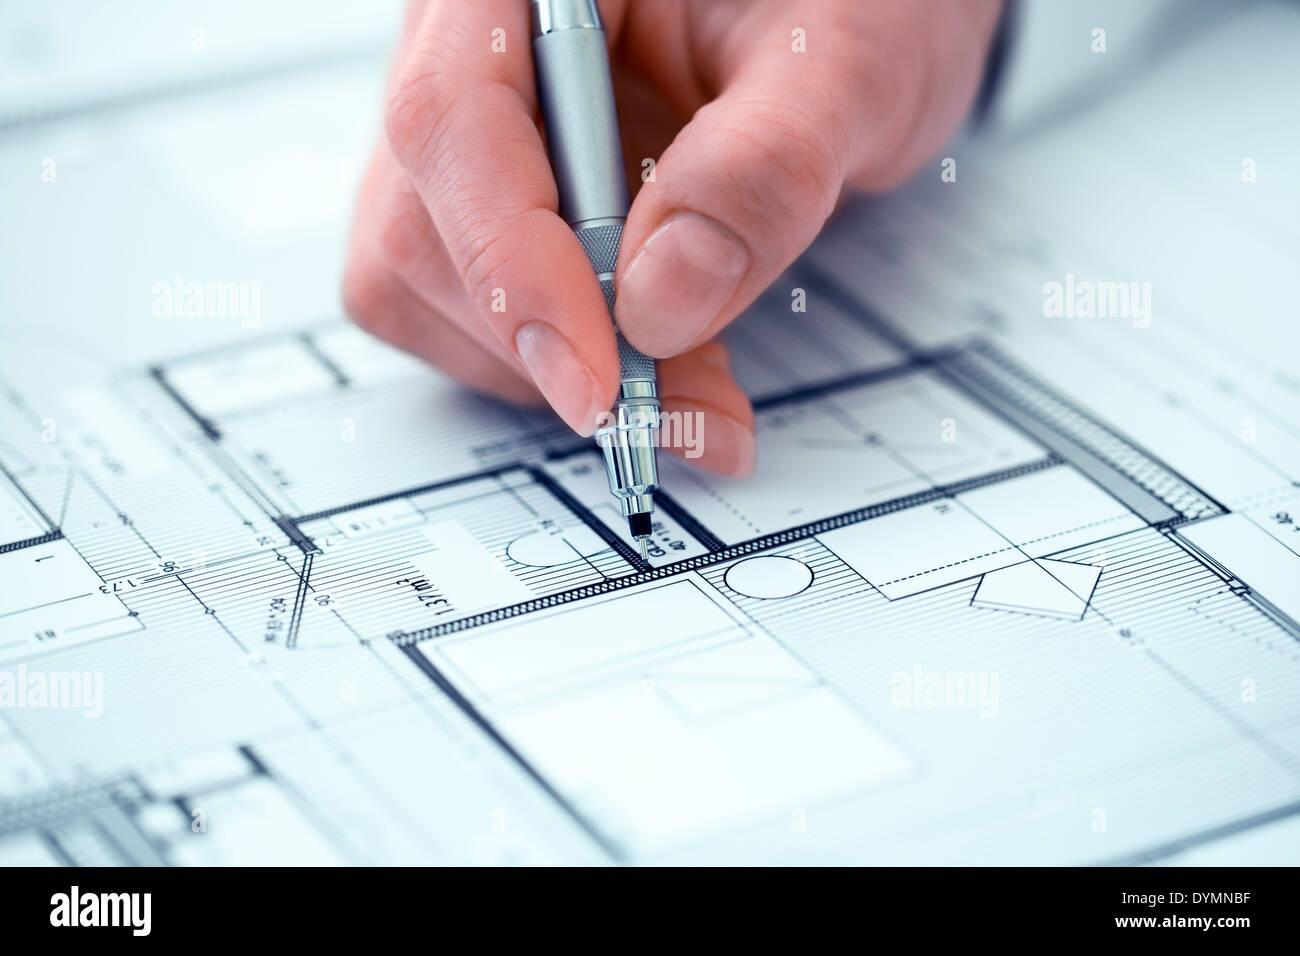 Frau Architekten zeichnen auf Blaupause Bauprojekt Stockfoto, Bild ...